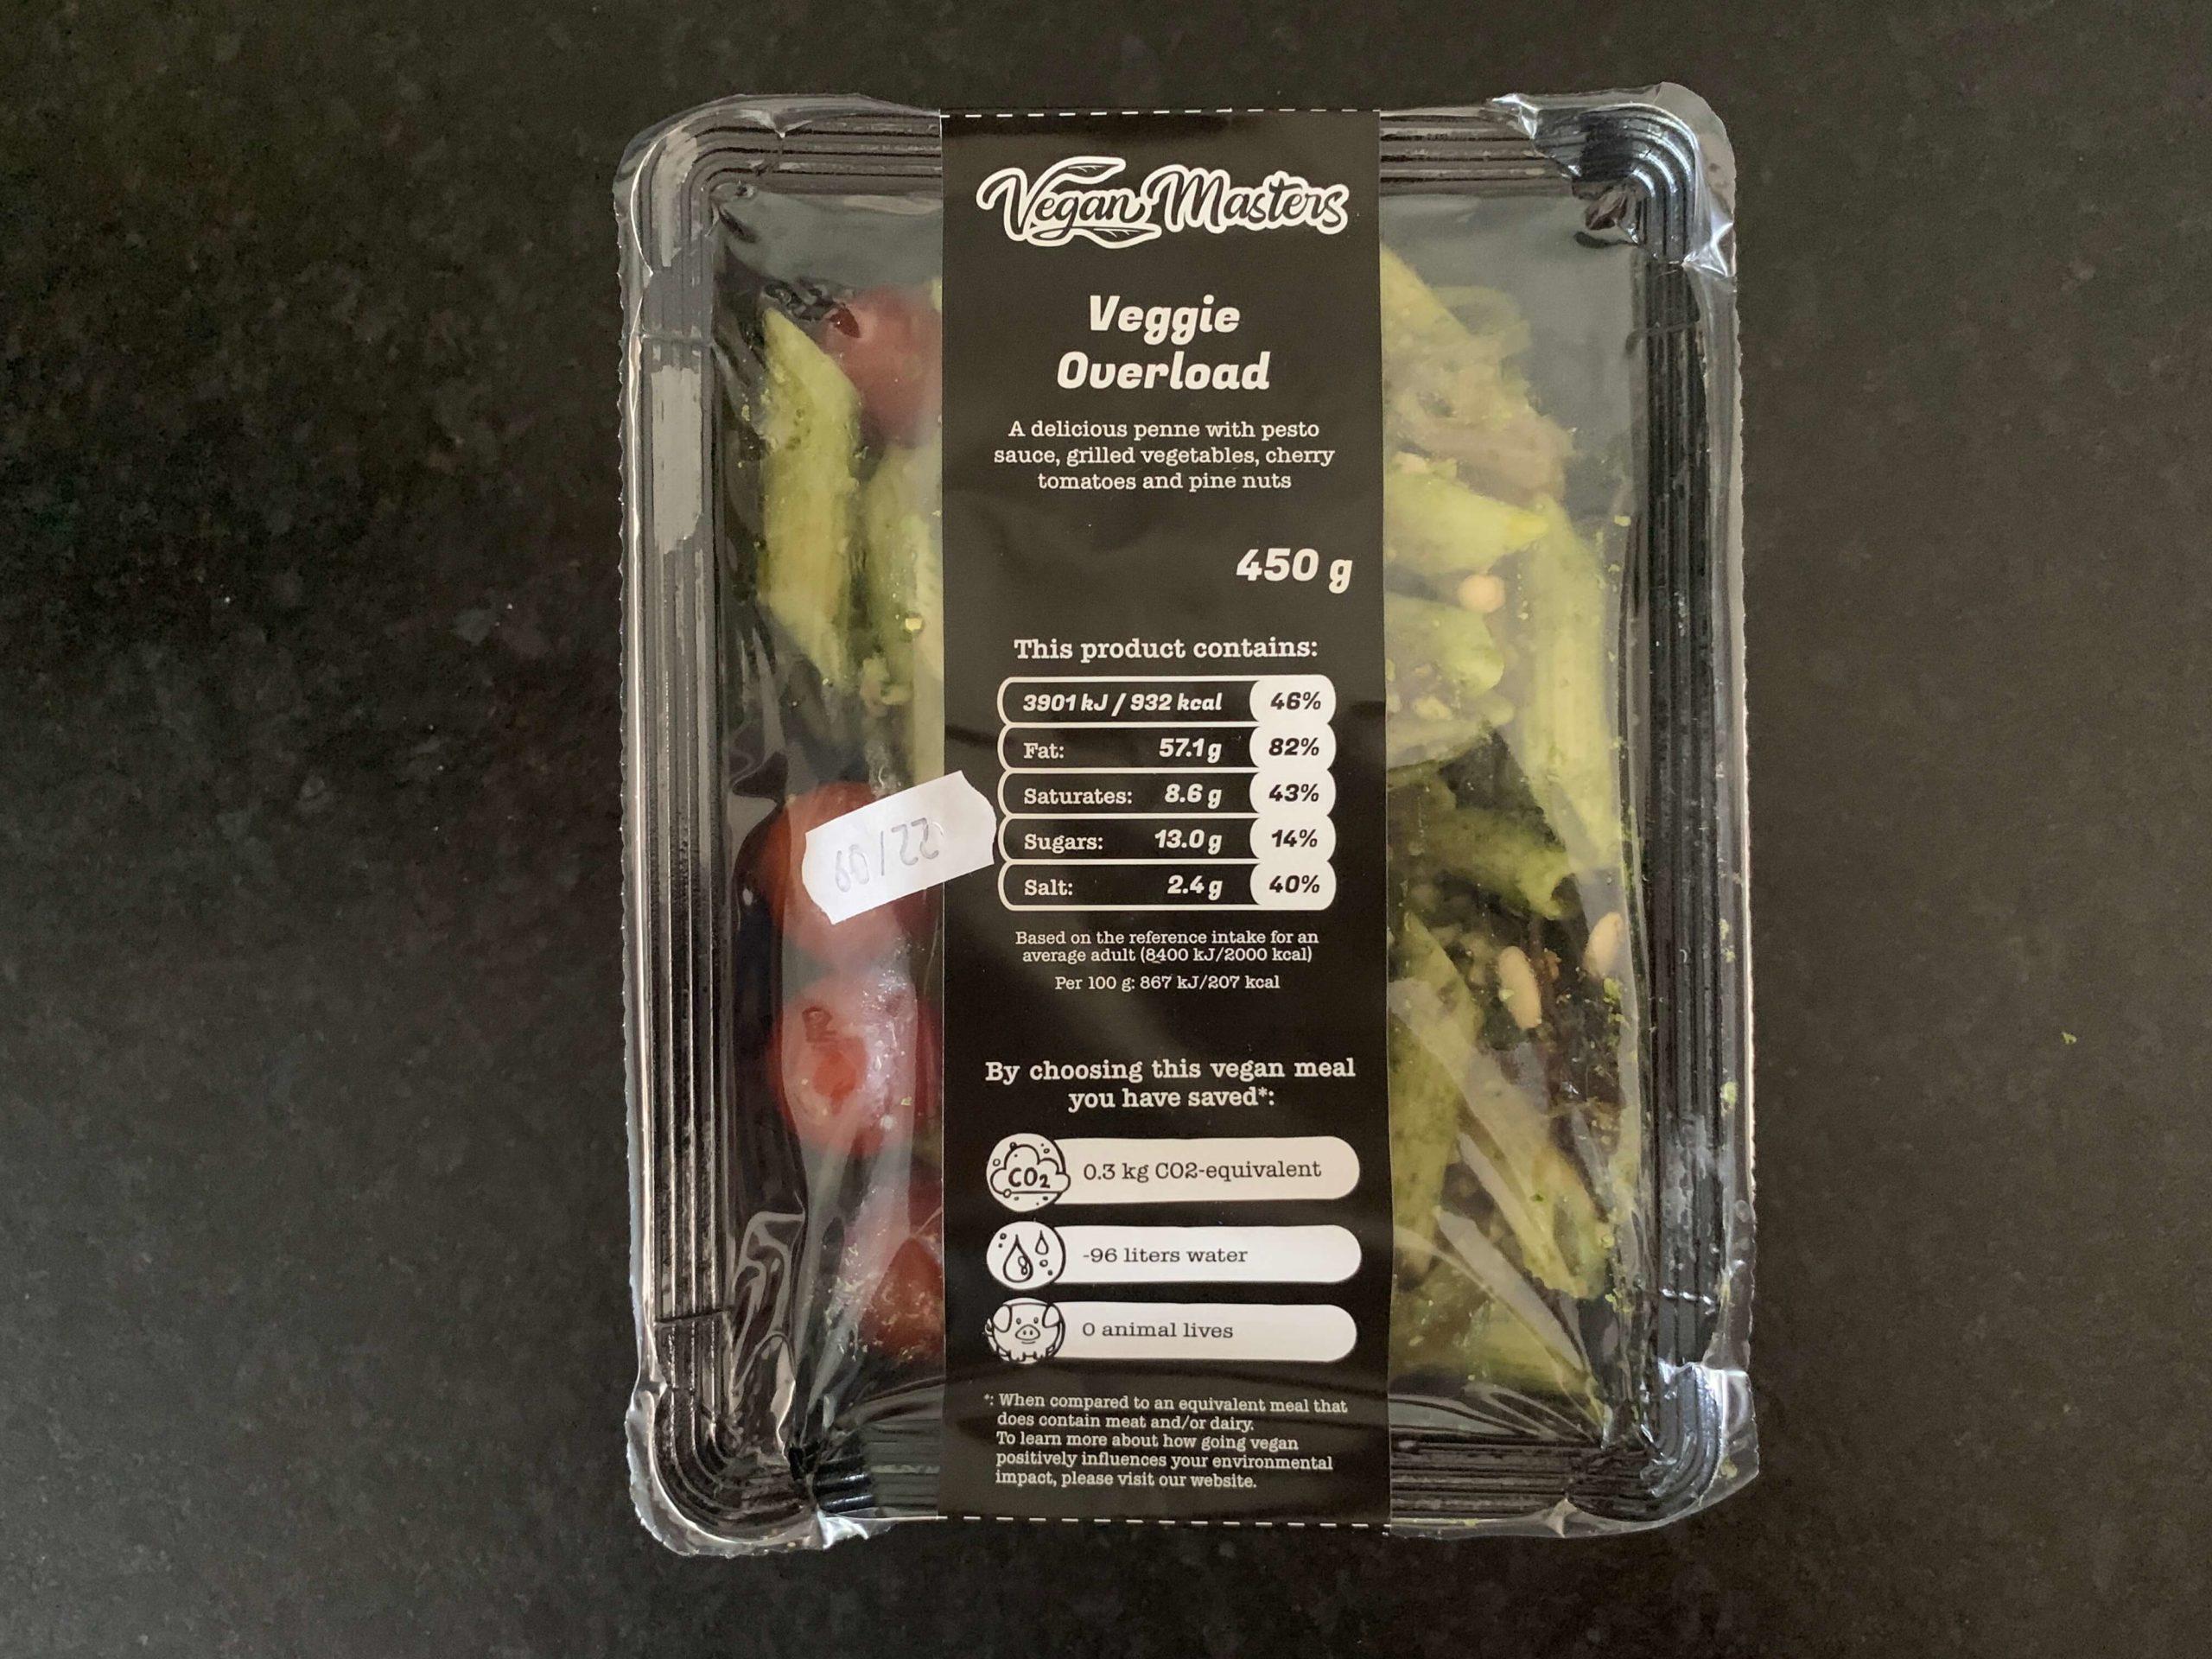 veggie overload